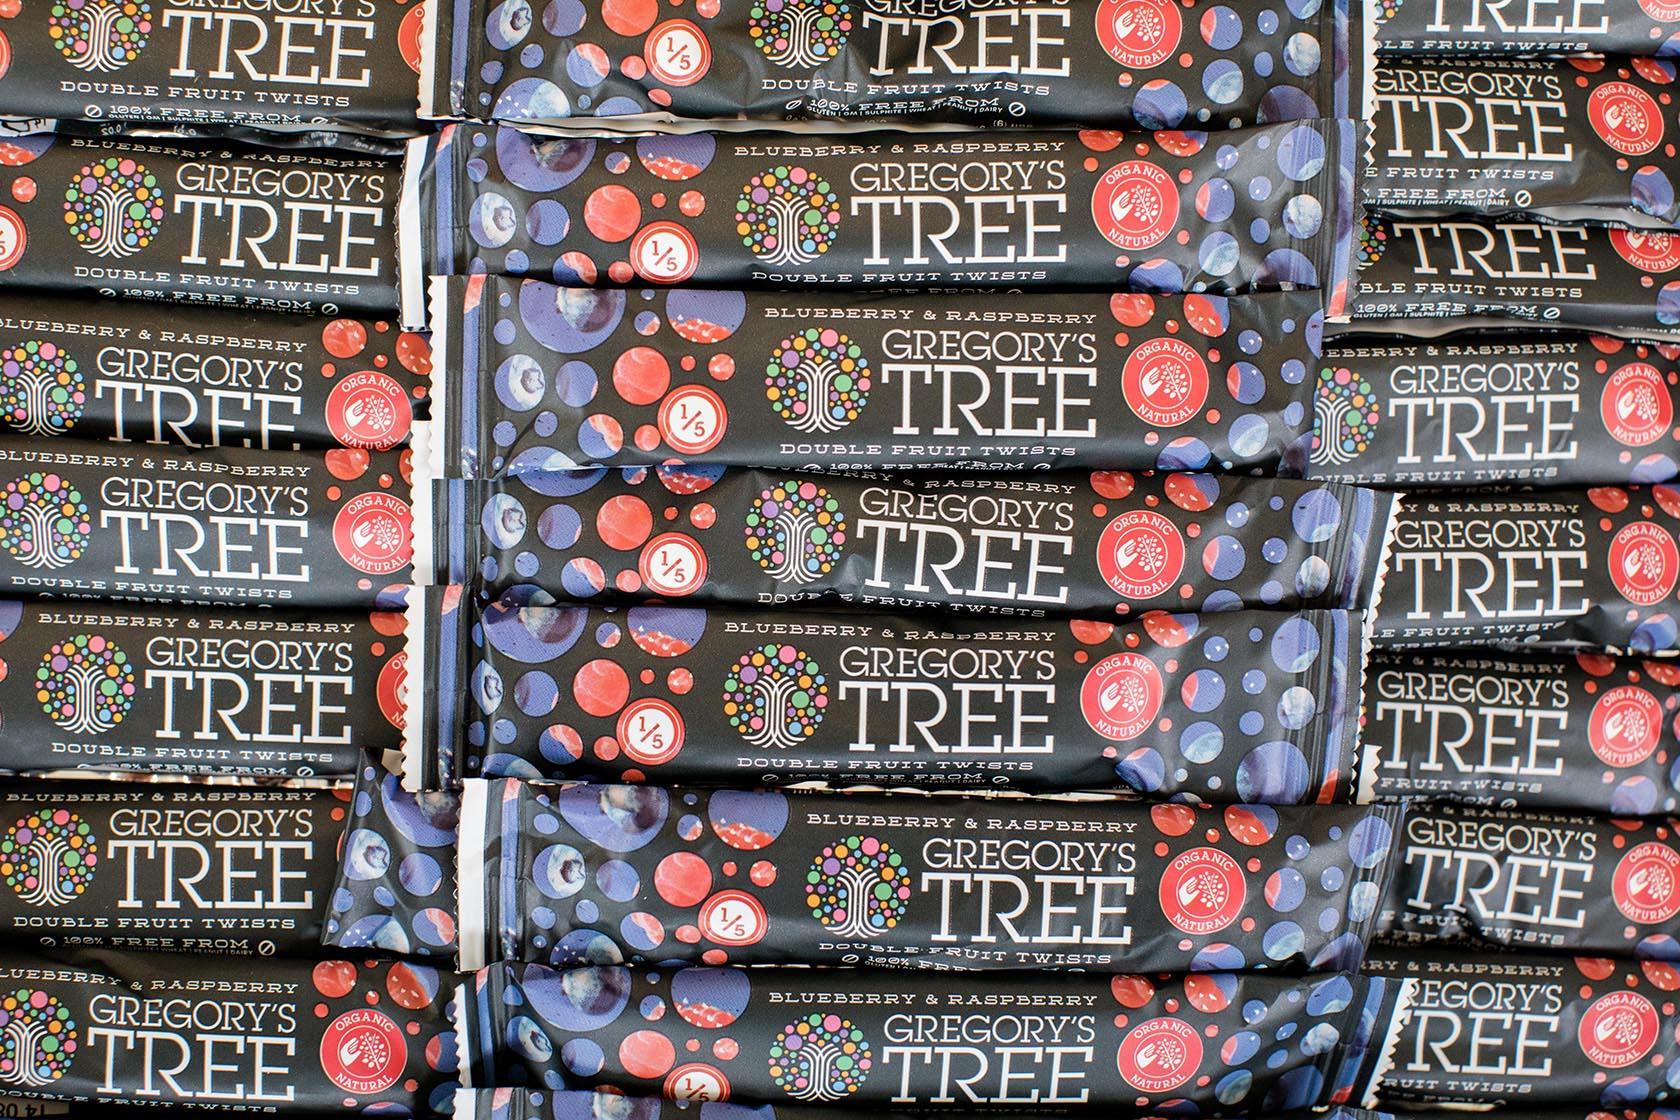 Gregory's Tree_72dpi_09